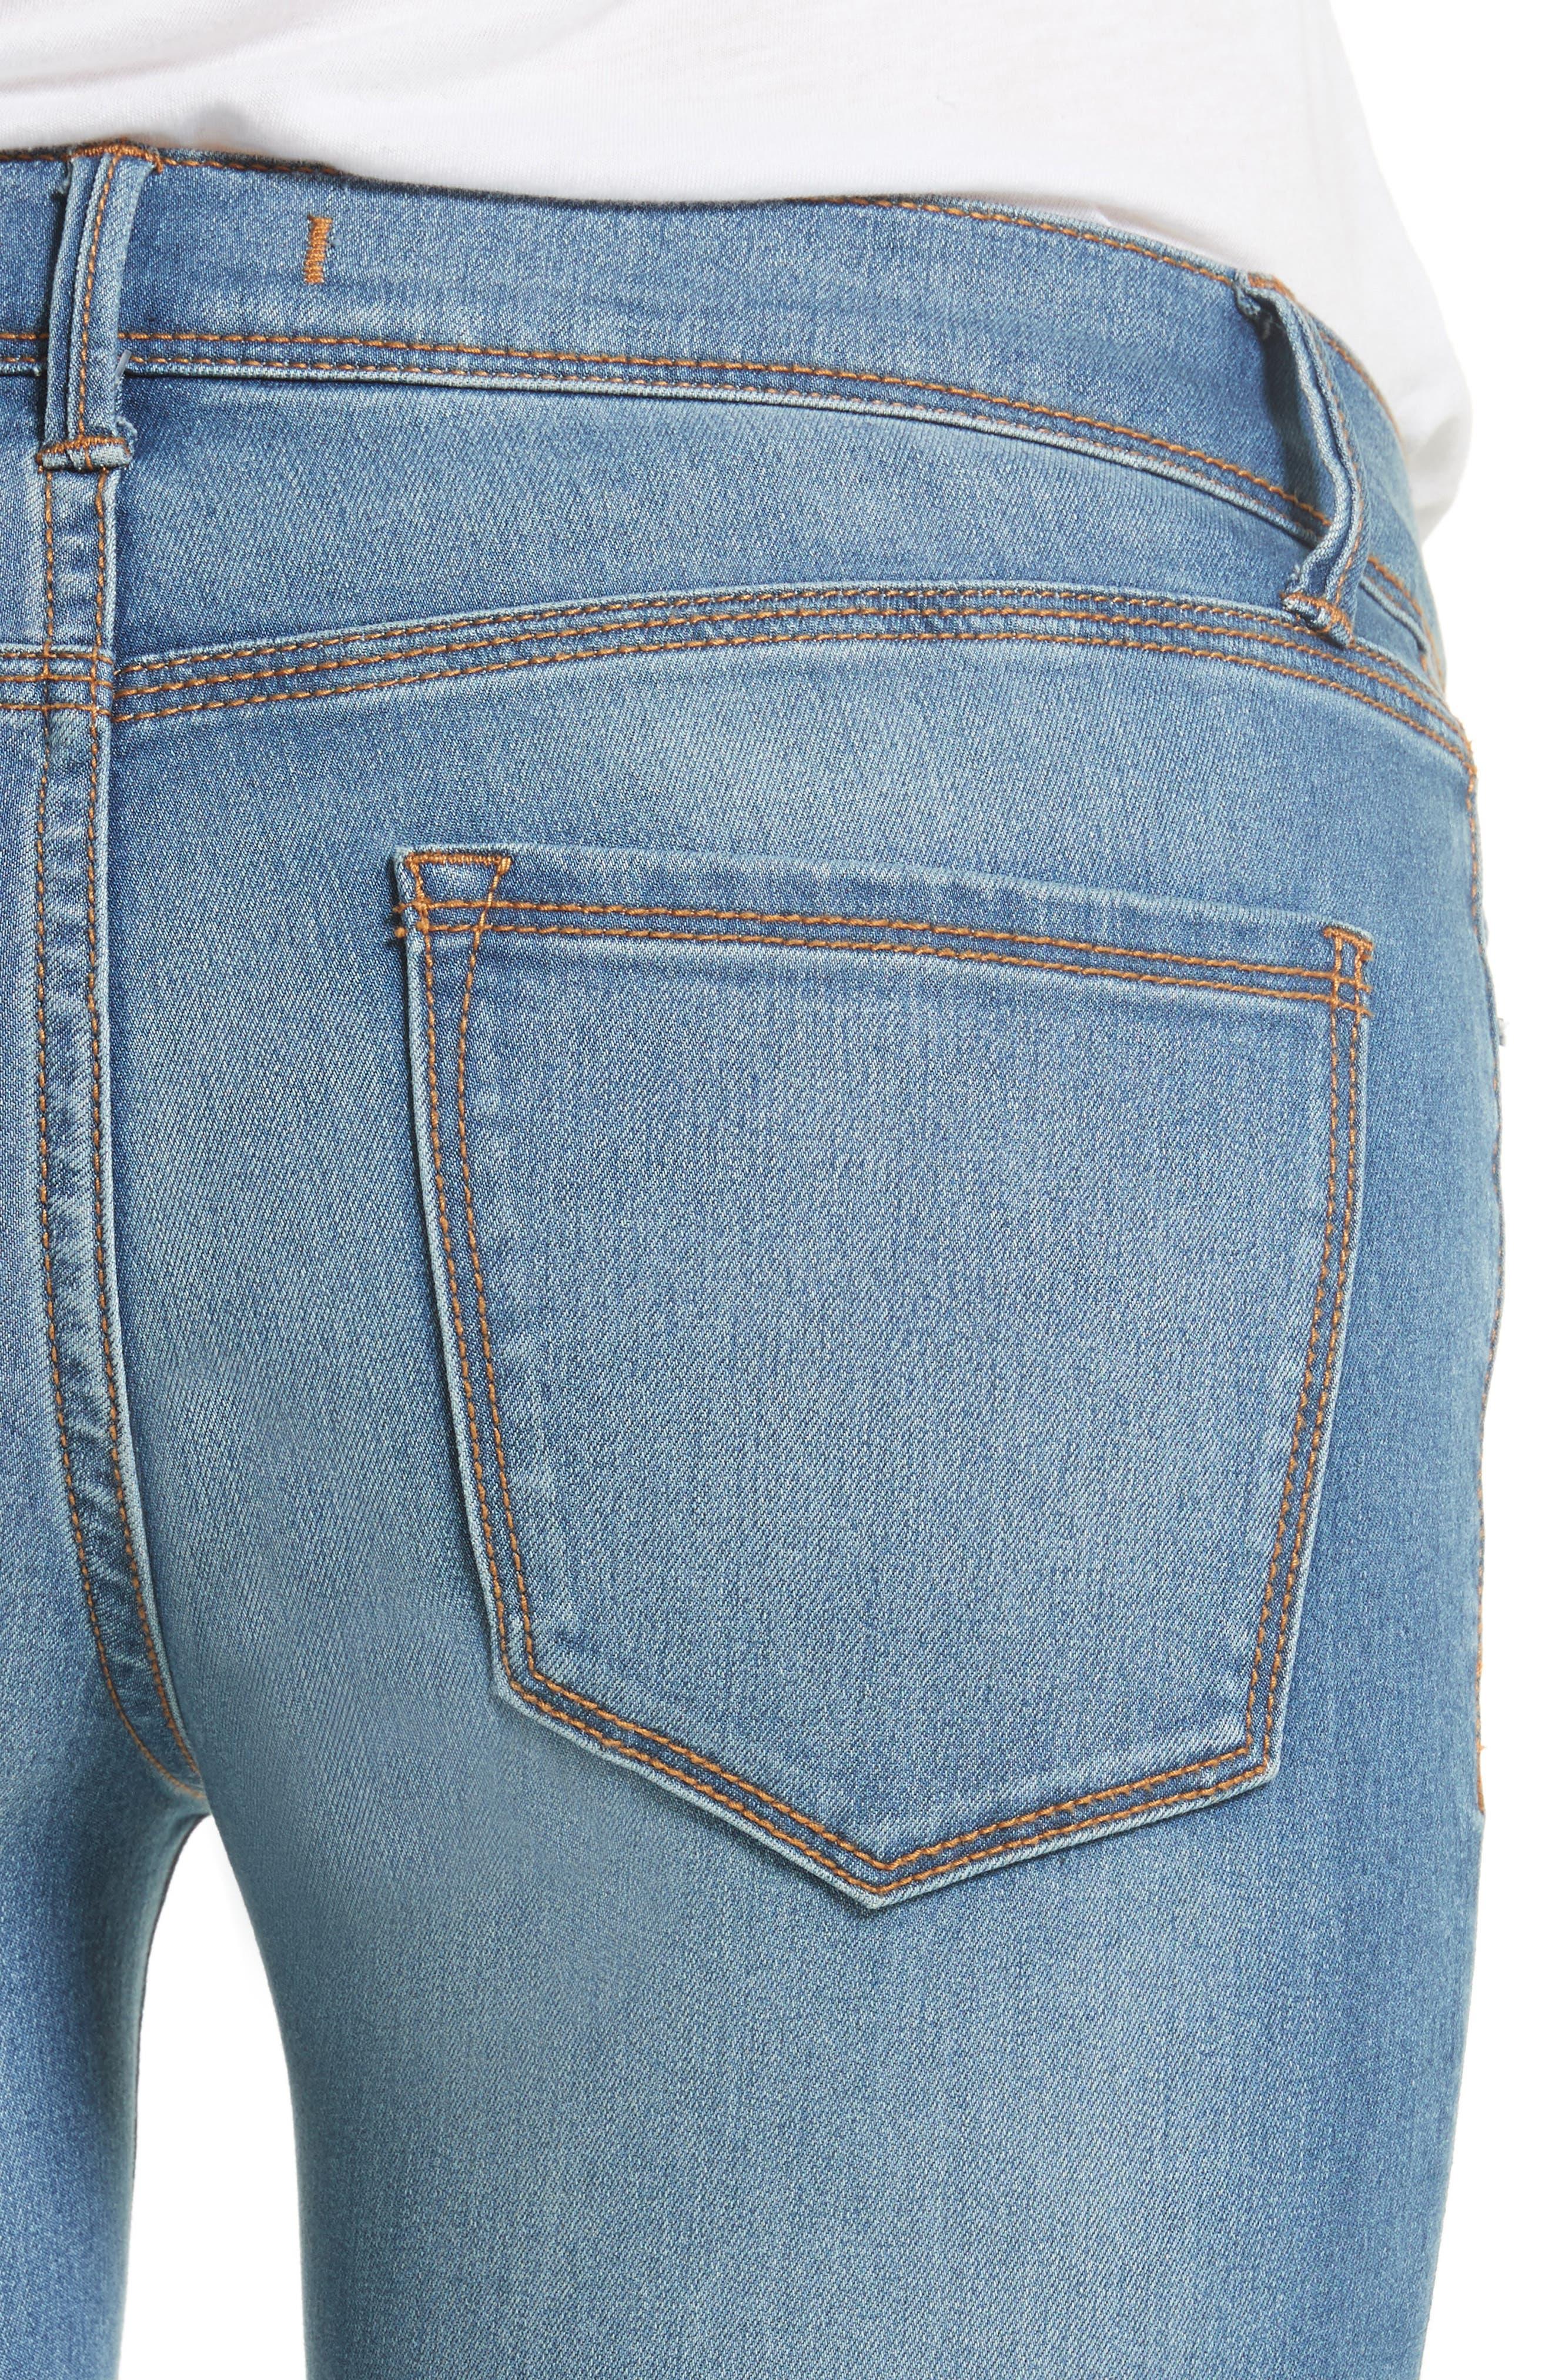 Gummy High Waist Jeans,                             Alternate thumbnail 4, color,                             Light Denim